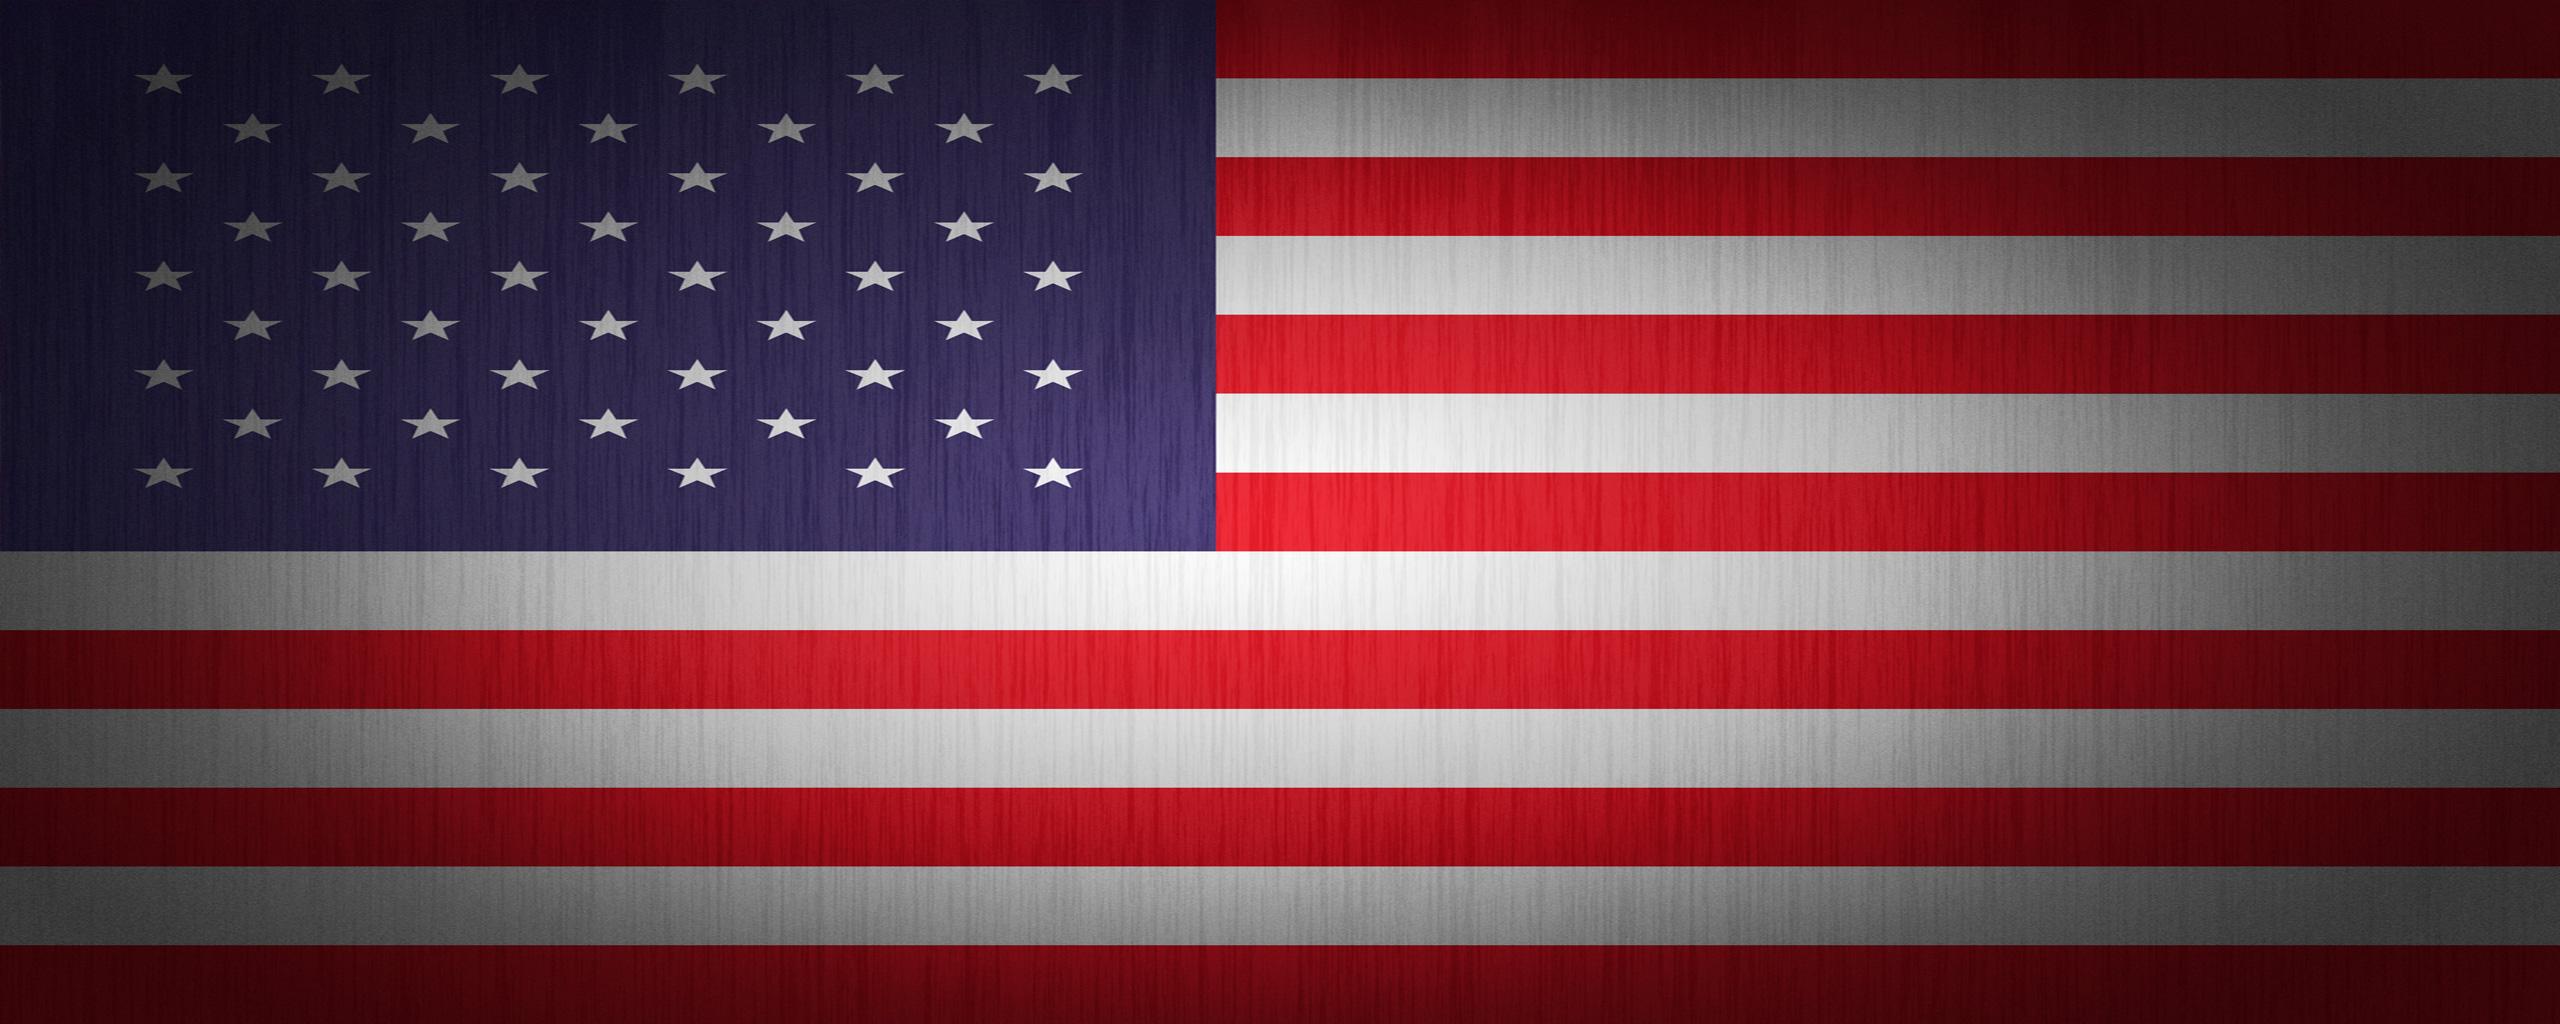 American Desktop Backgrounds 2560x1024